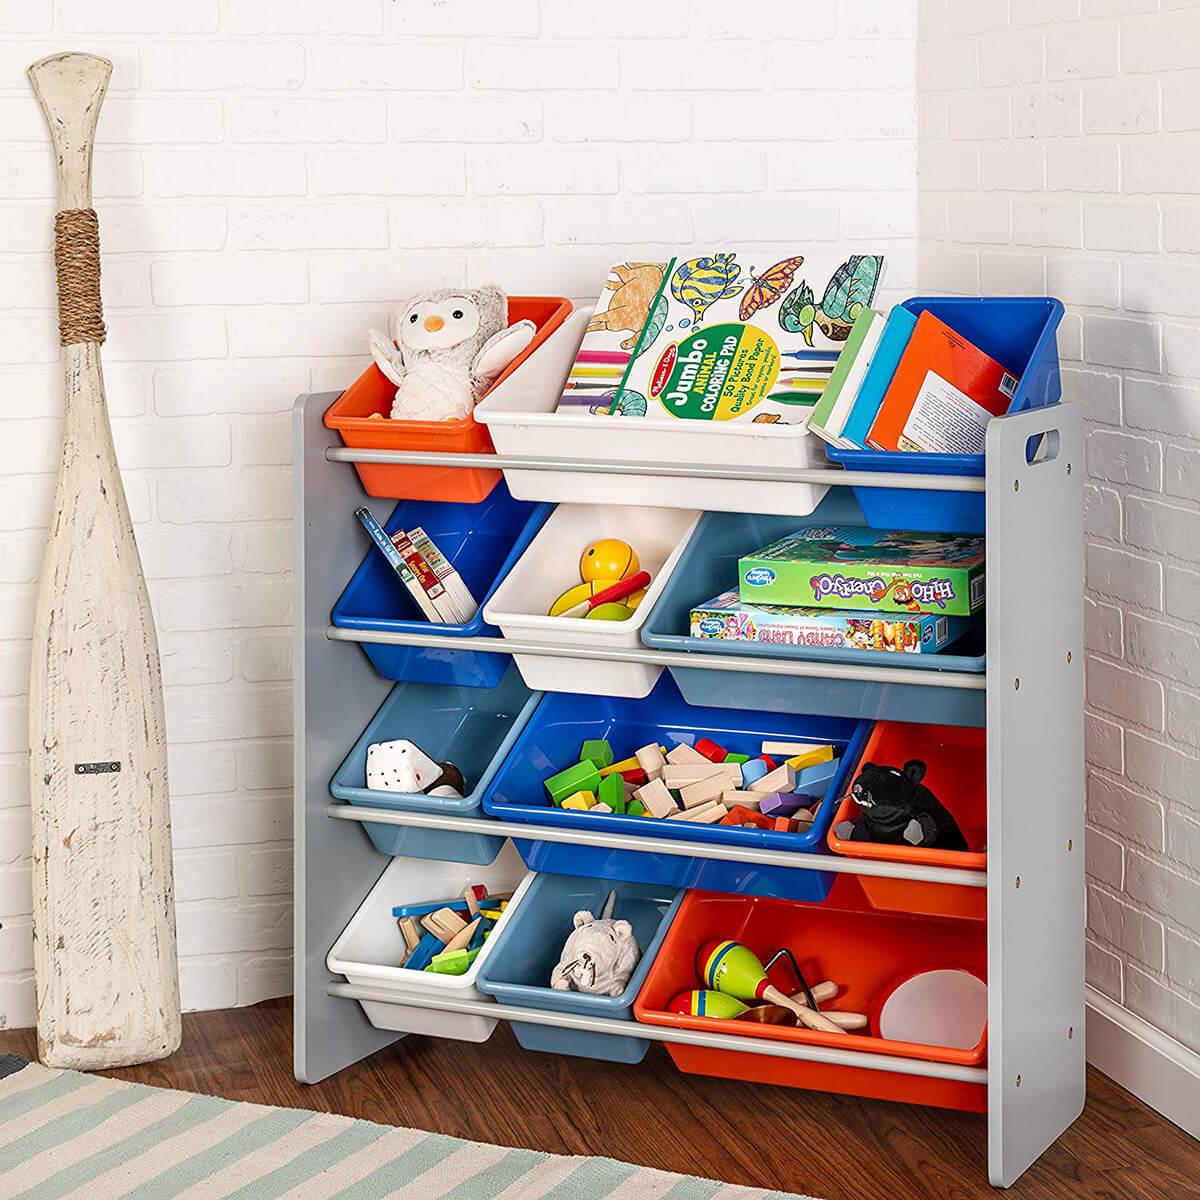 Как организовать пространство в комнате вашего ребёнка фото 3